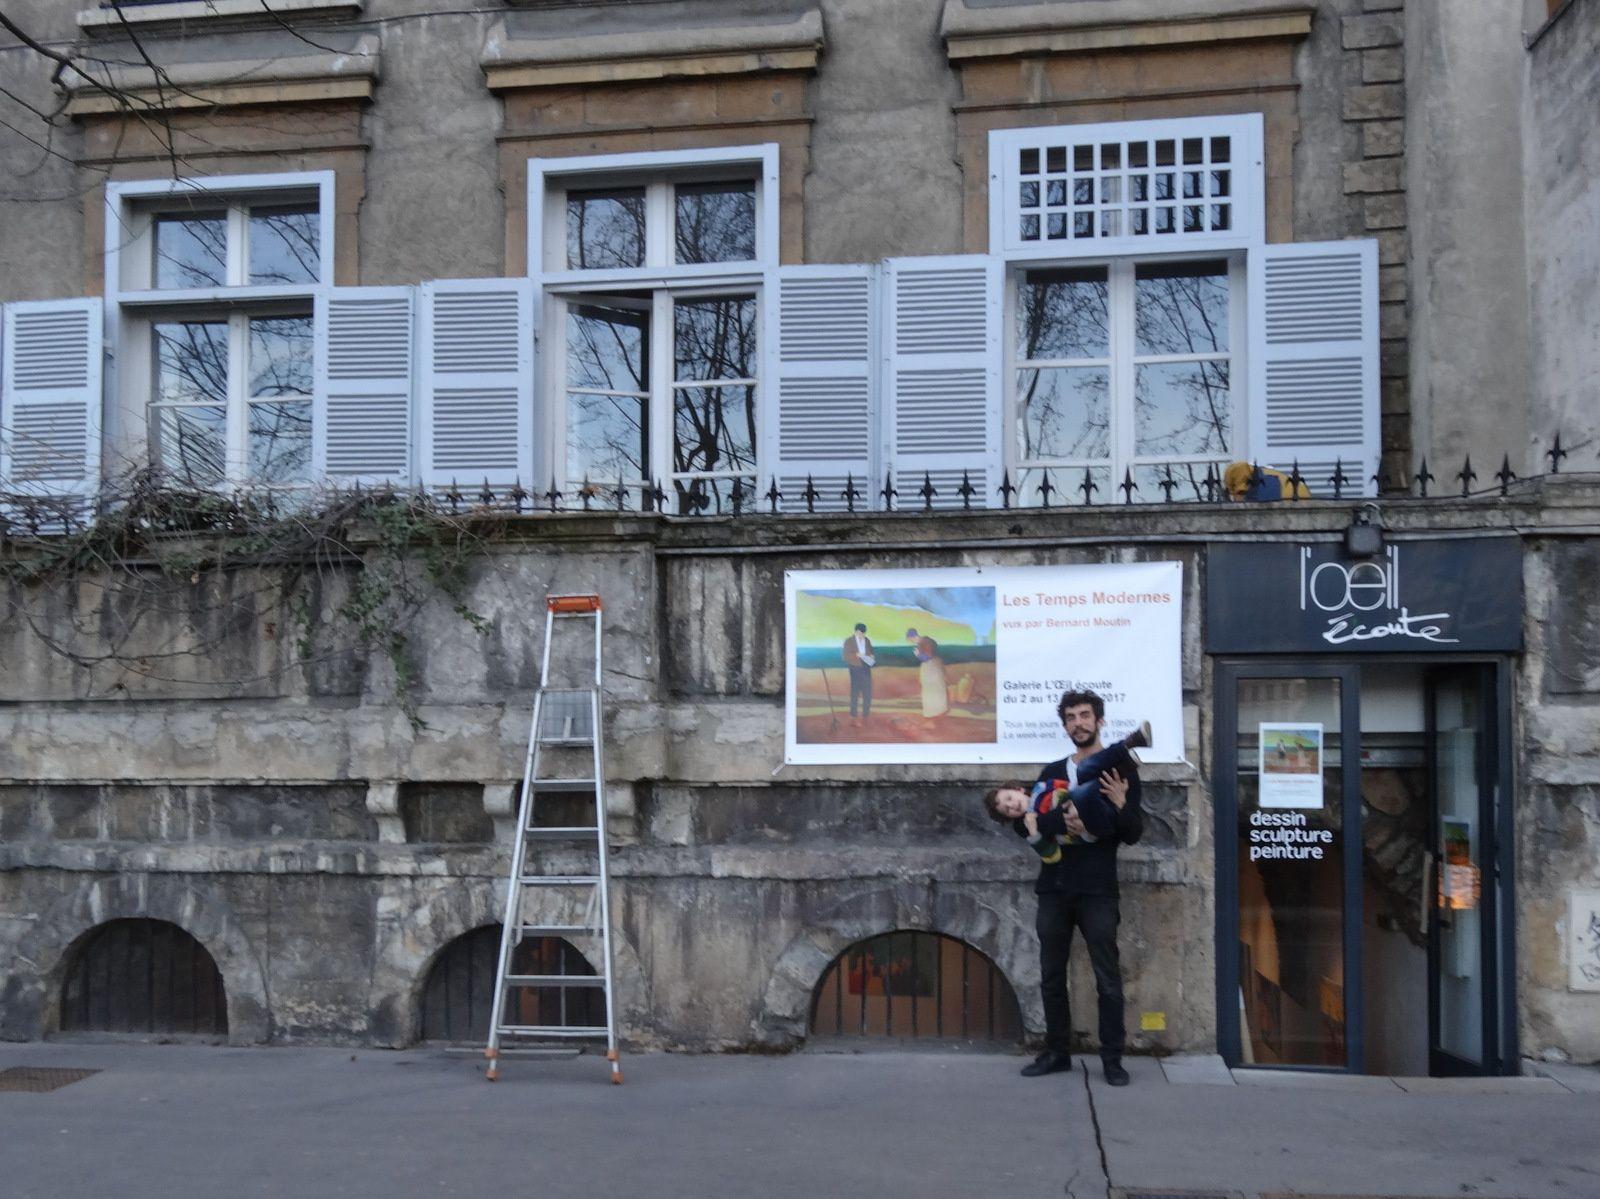 L'exposition &quot&#x3B;les Temps Modernes&quot&#x3B; est en place à la Galerie l'Oeil écoute pour le vernissage du 2 février à 18h30